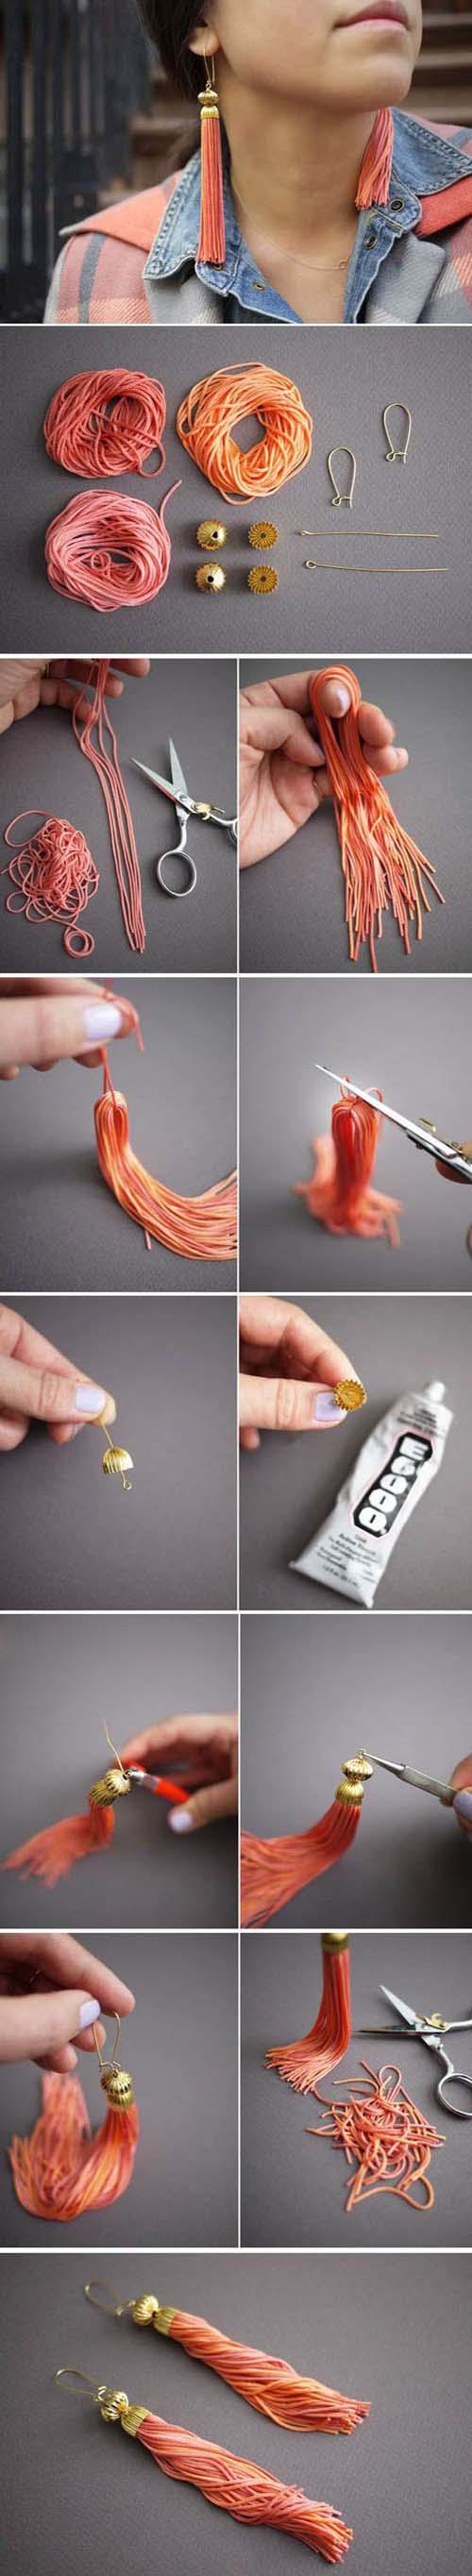 Υπέροχες ιδέες για να φτιάξετε τα δικά σας σκουλαρίκια (8)